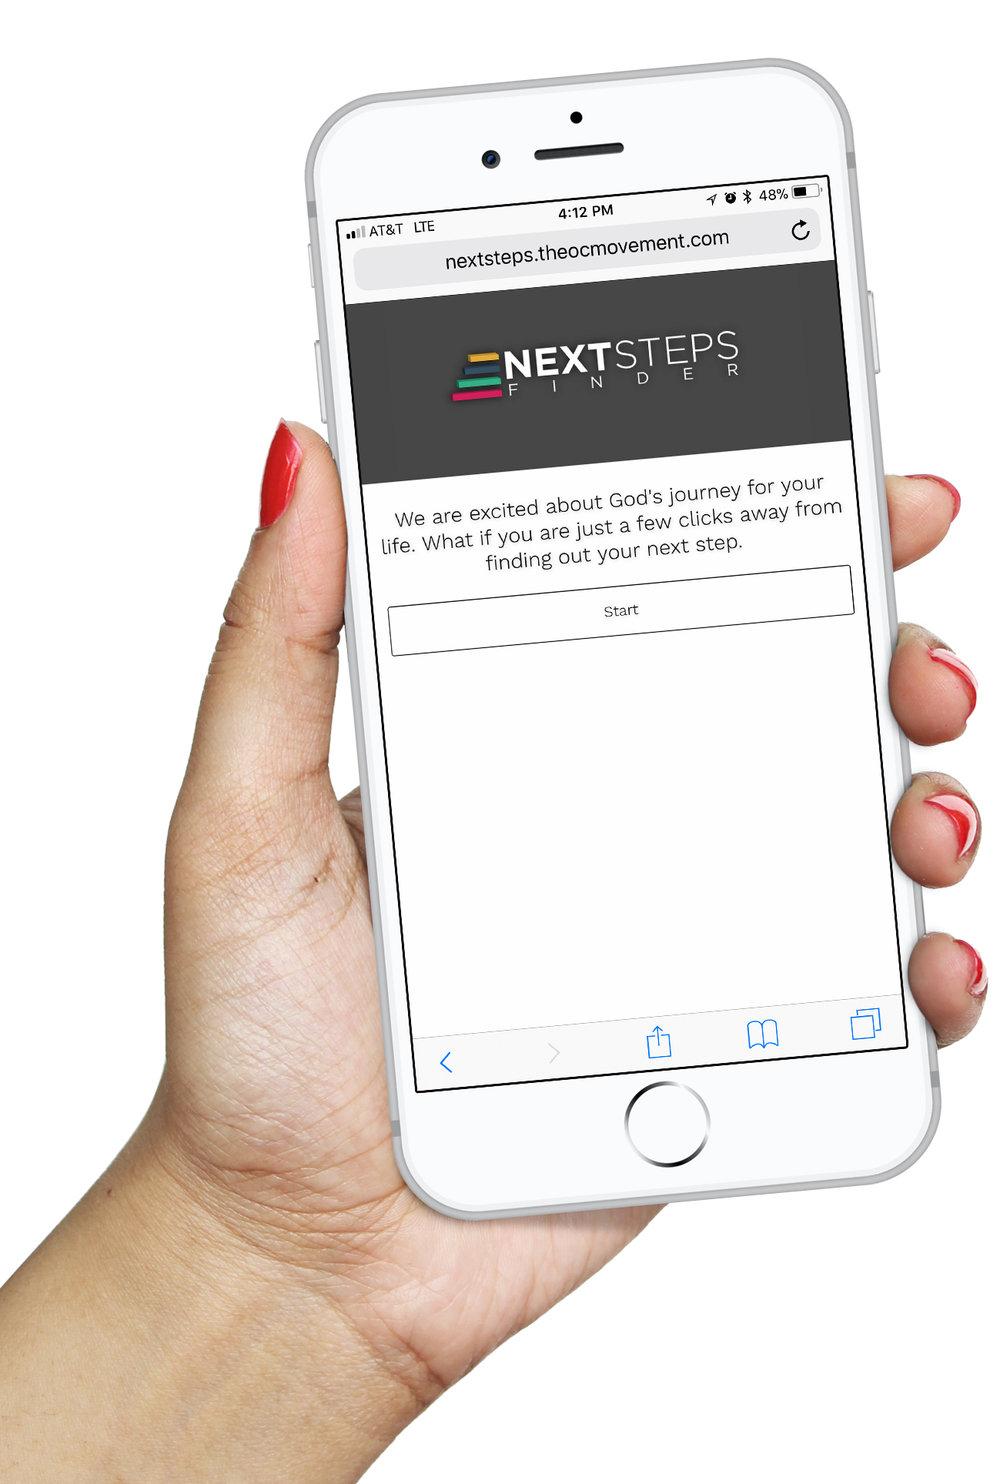 NextStepsMockup_3.jpg